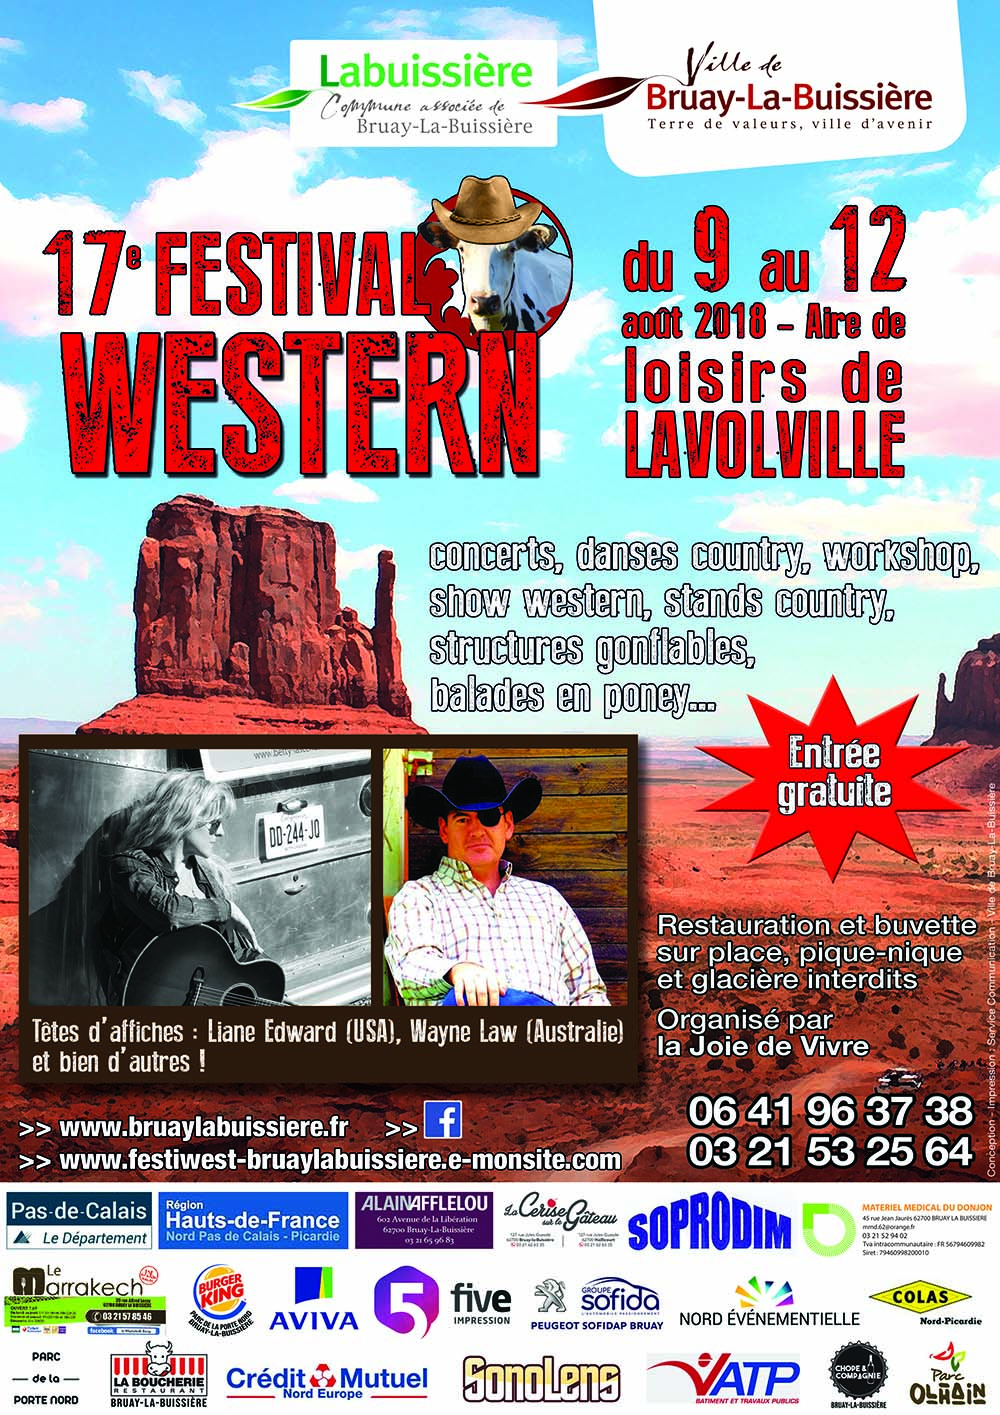 2018-LAB-Festival Western